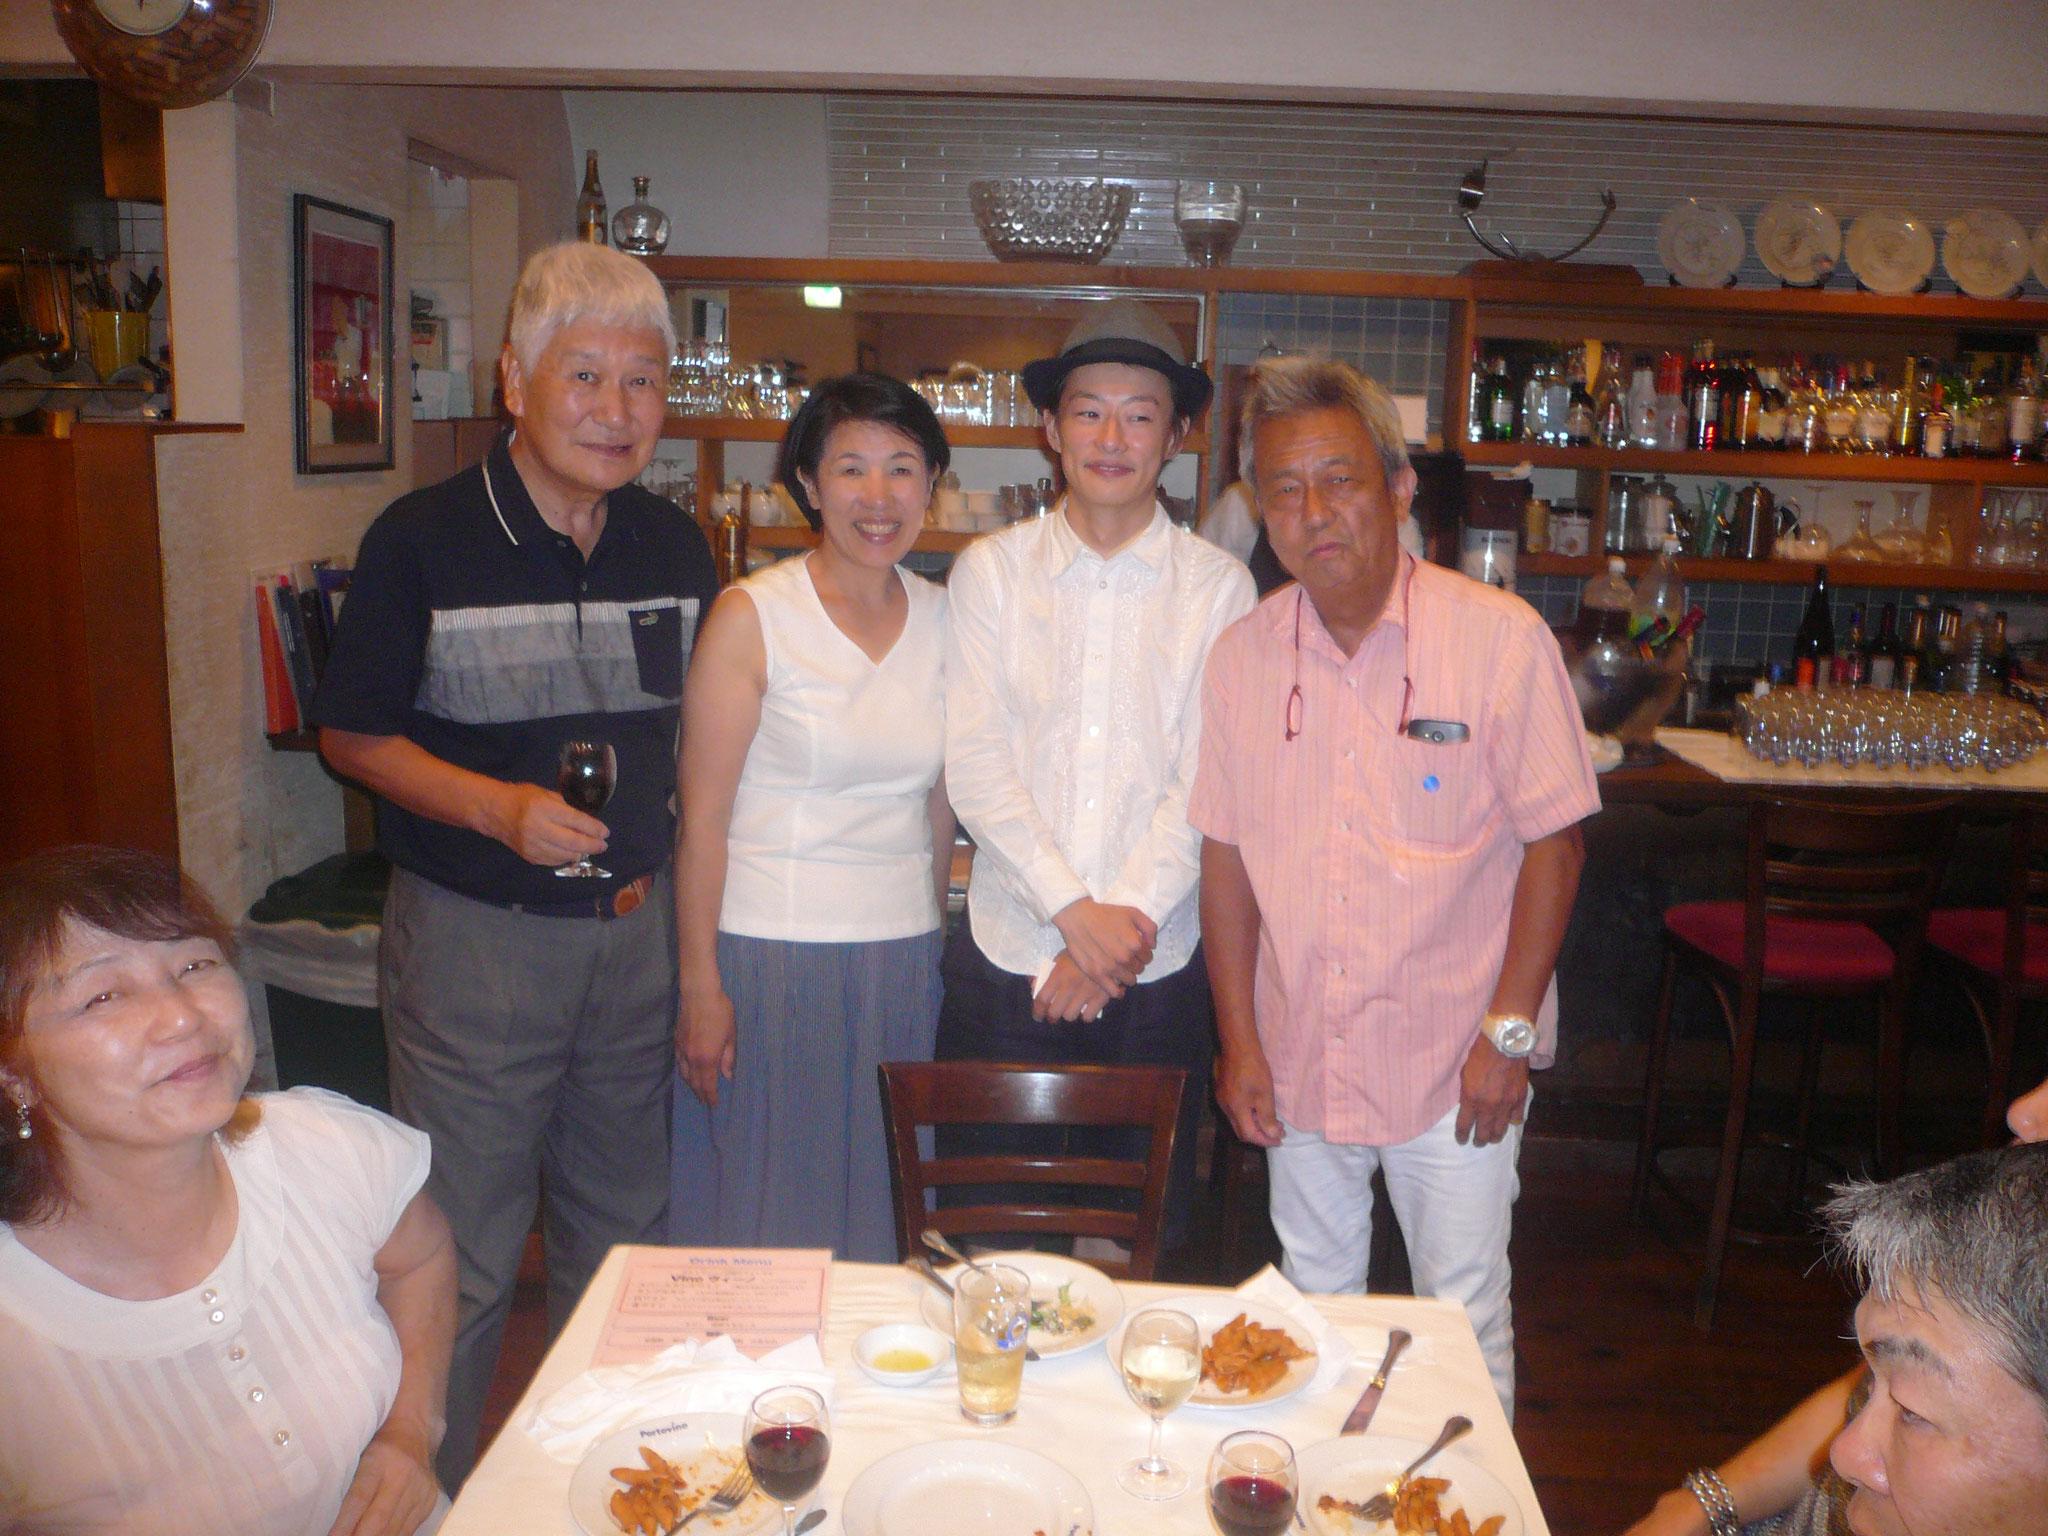 伊藤さん大口さんを今井さんと柿澤さんが囲んで